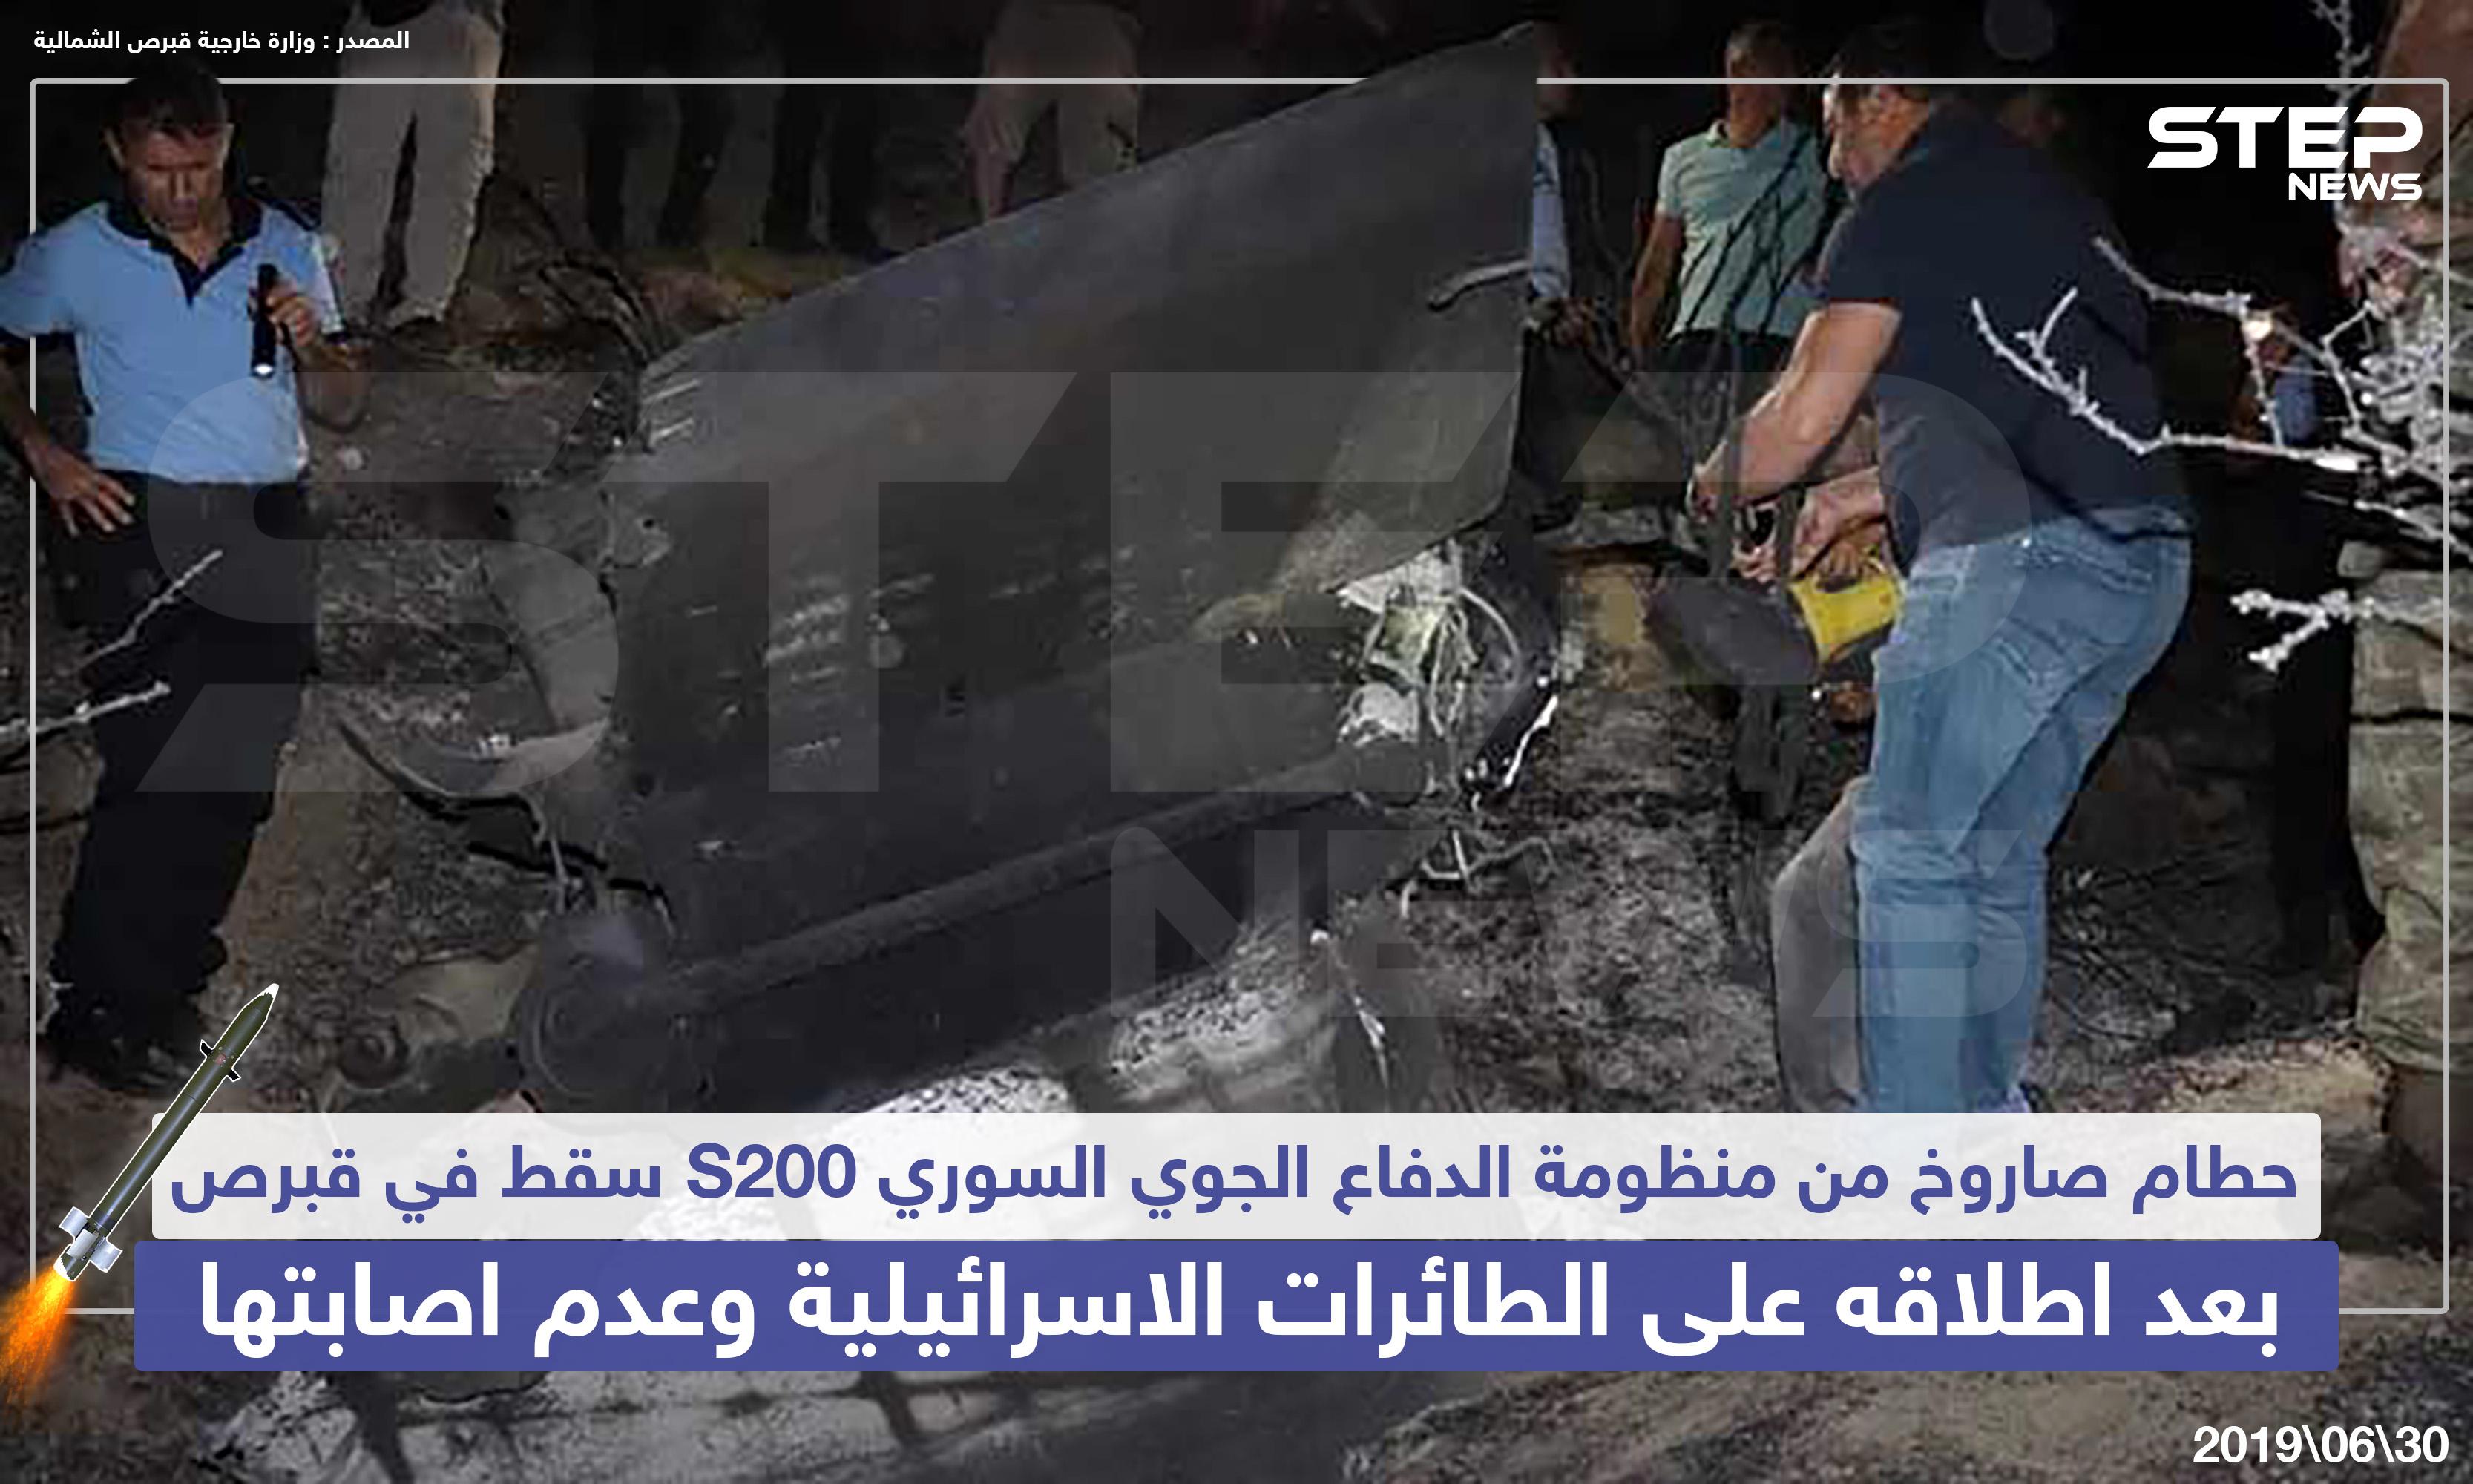 سقوط صاروخ S200 على قبرص بعد إطلاقه الدفاعات السورية على الطائرات الإسرائيلية